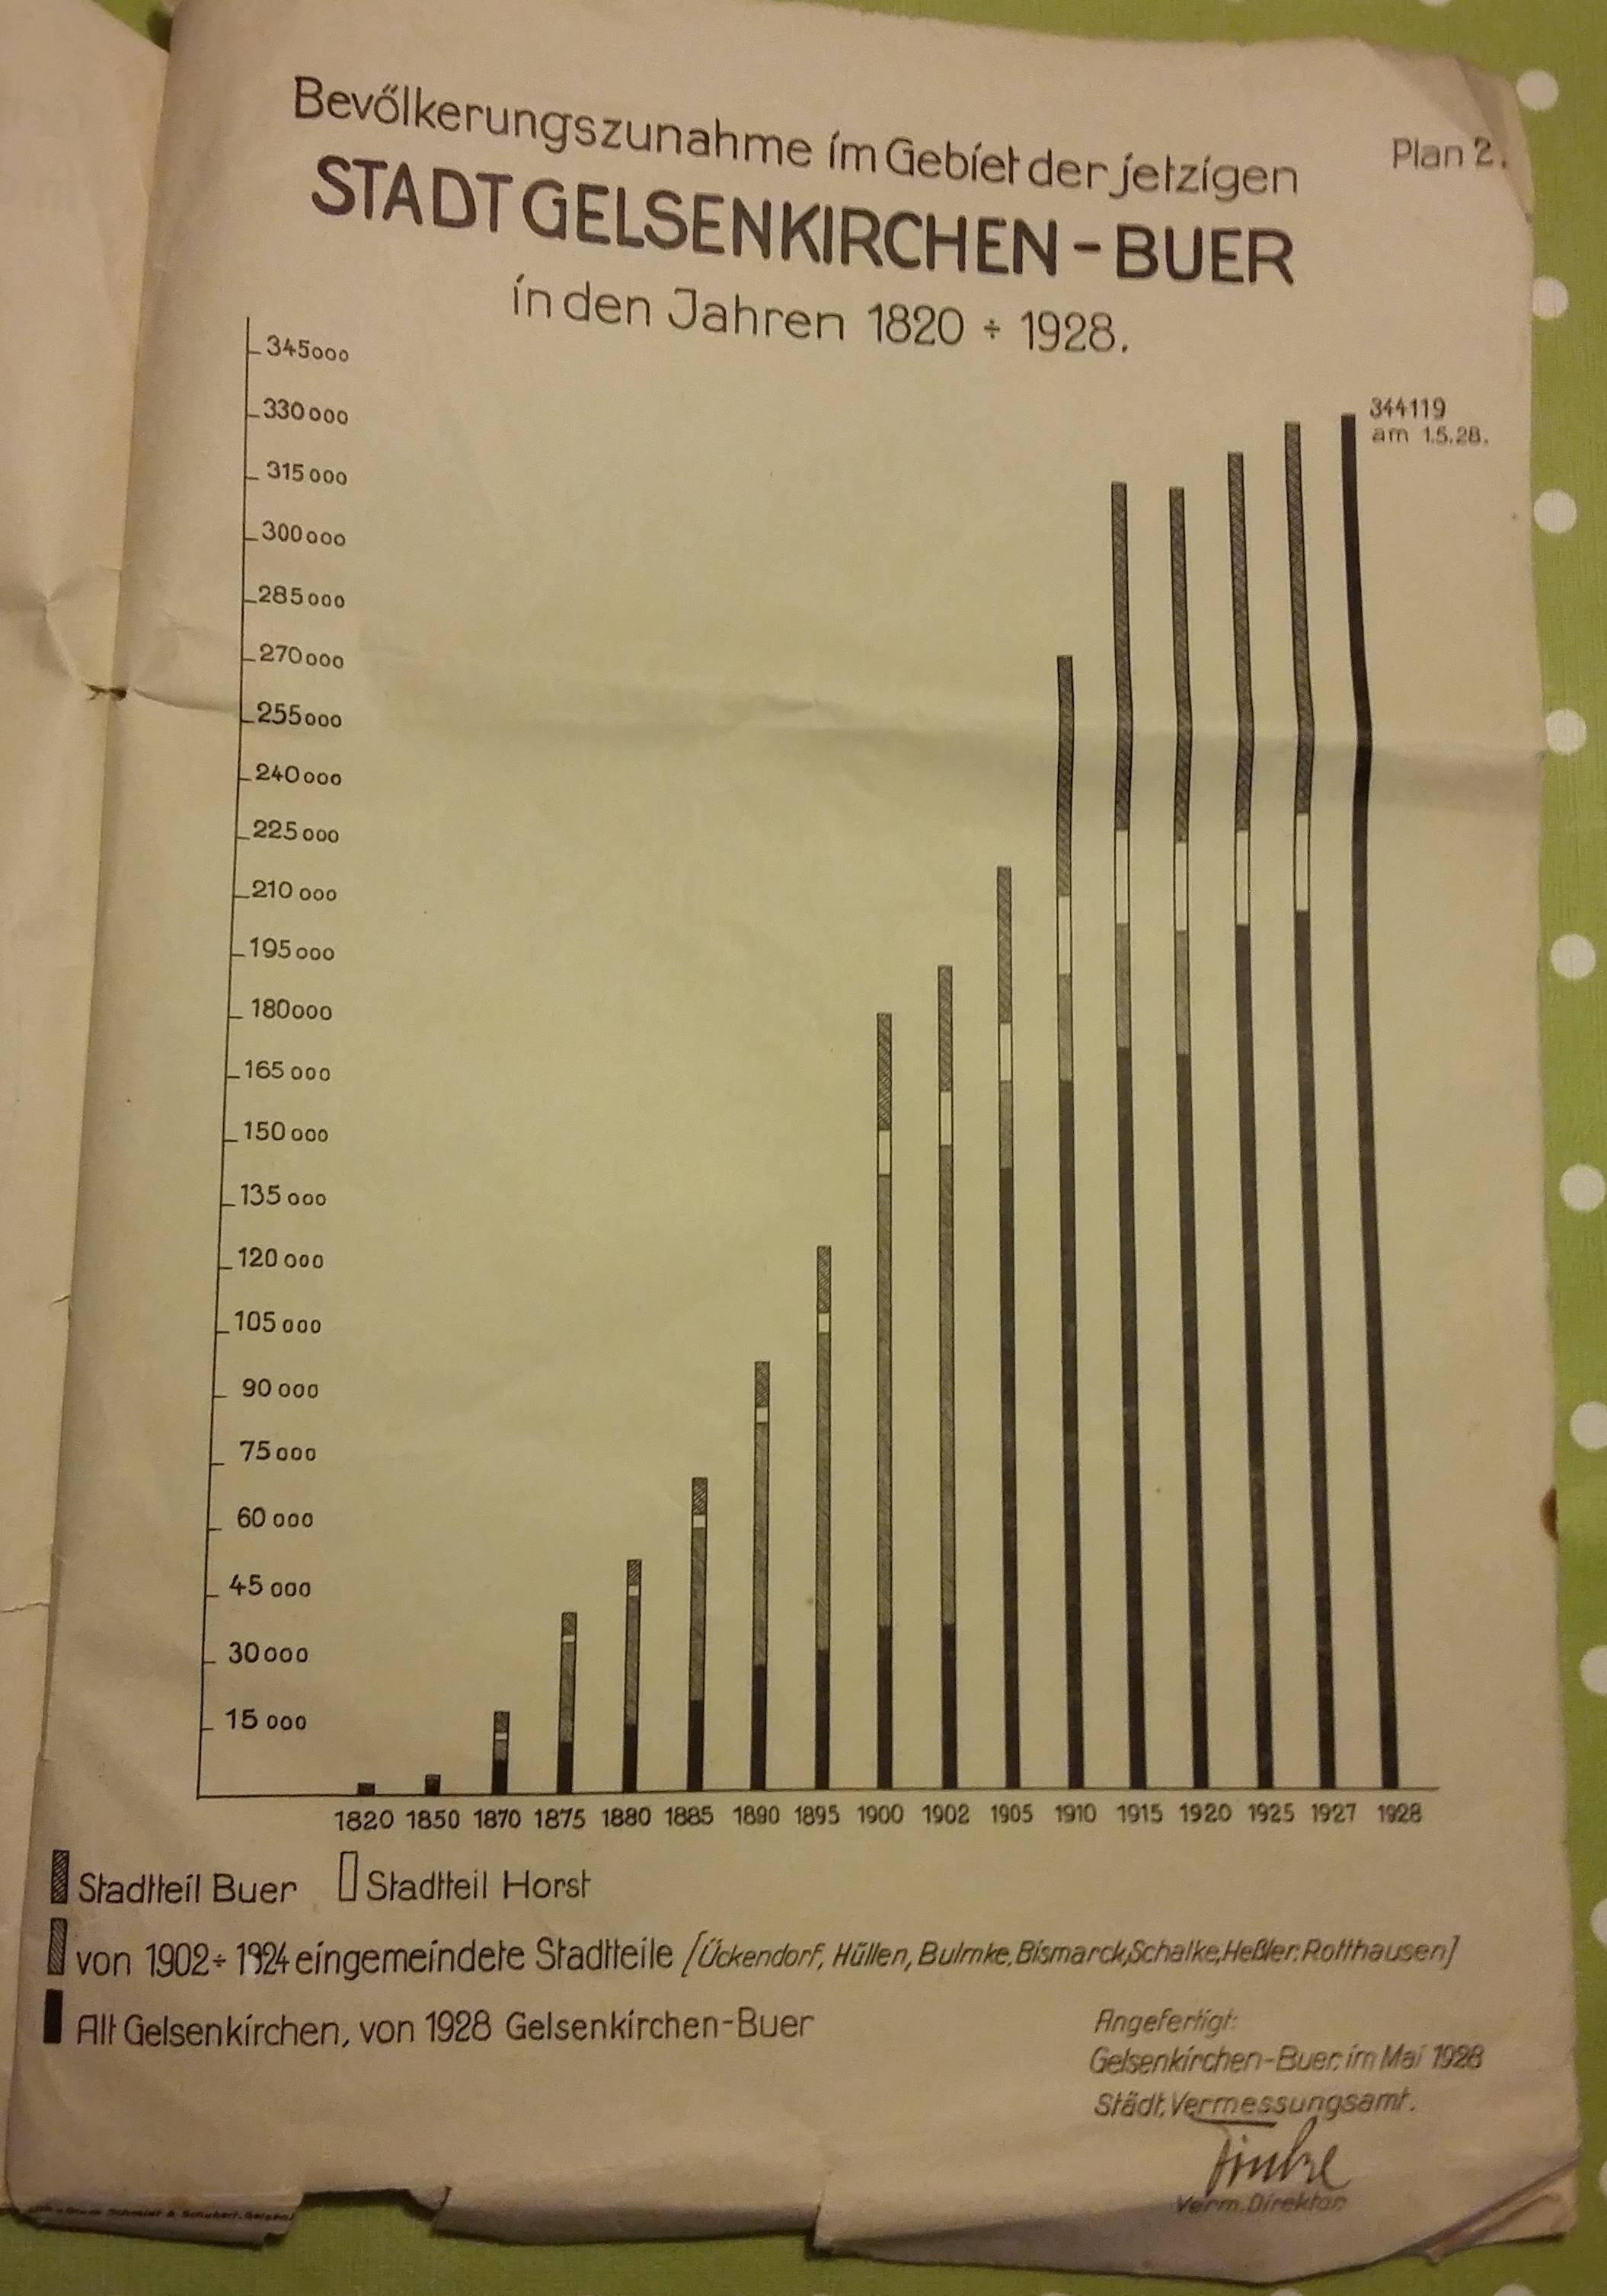 Bevölkerungszunahme von 1820 - 1928